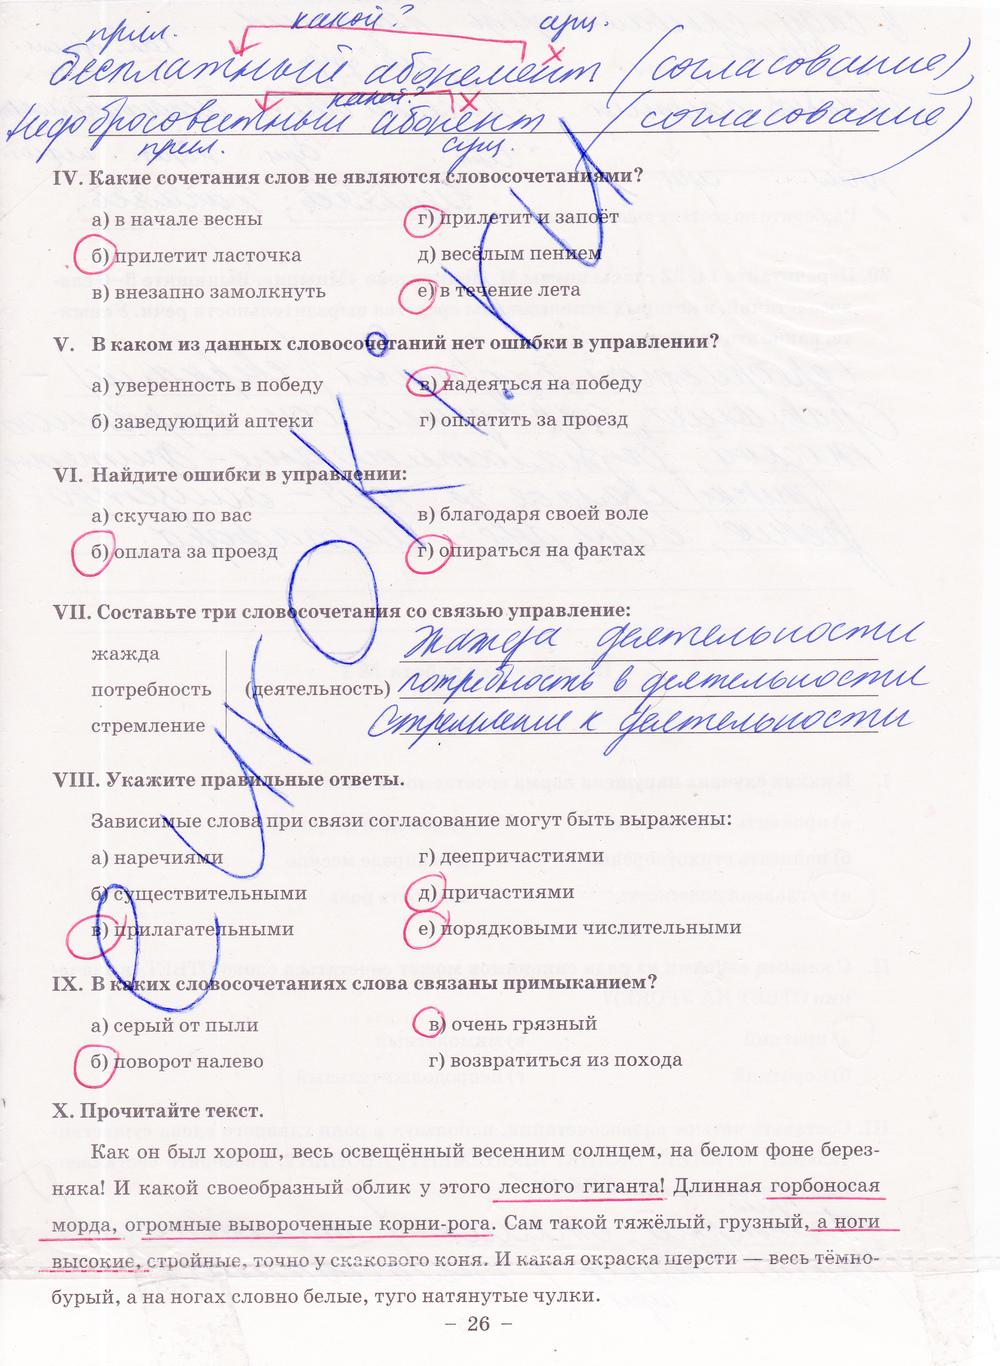 ГДЗ по русскому языку 8 класс рабочая тетрадь Богданова Часть 1, 2. Задание: стр. 26